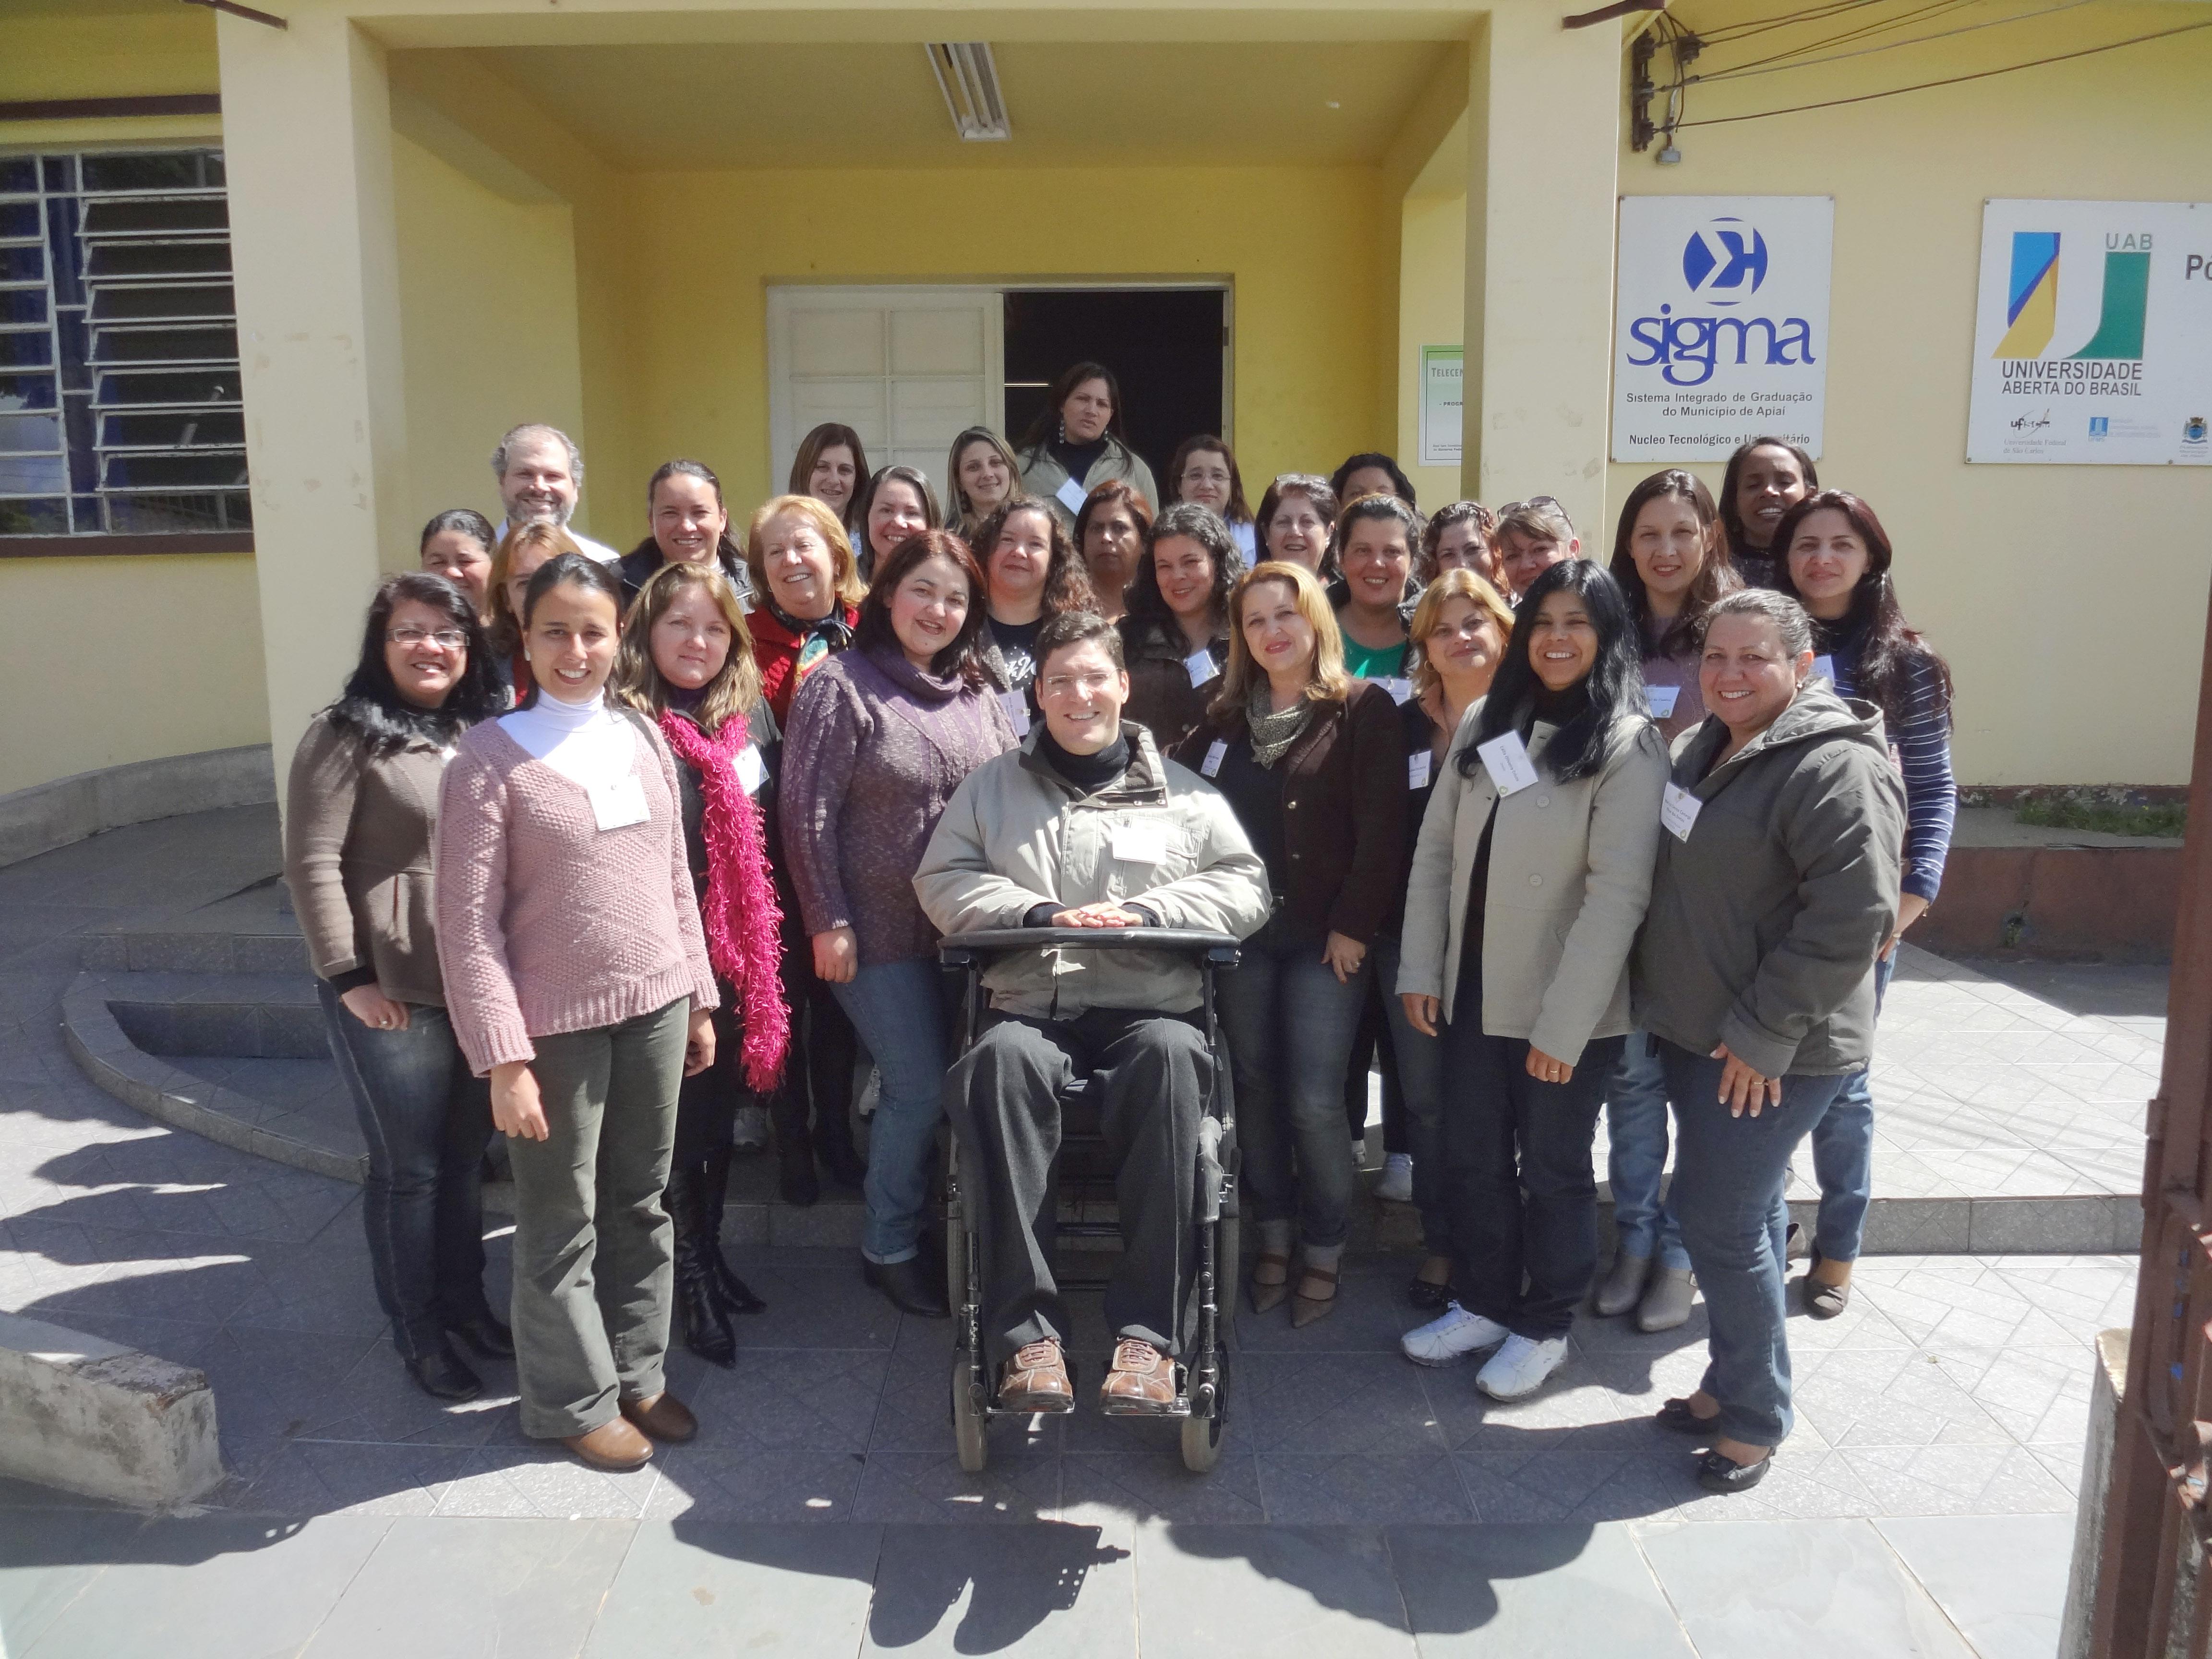 Grupo de educadoras posam sorridentes para foto em frente à universidade junto ao Rodrigo. O dia está ensolarado.